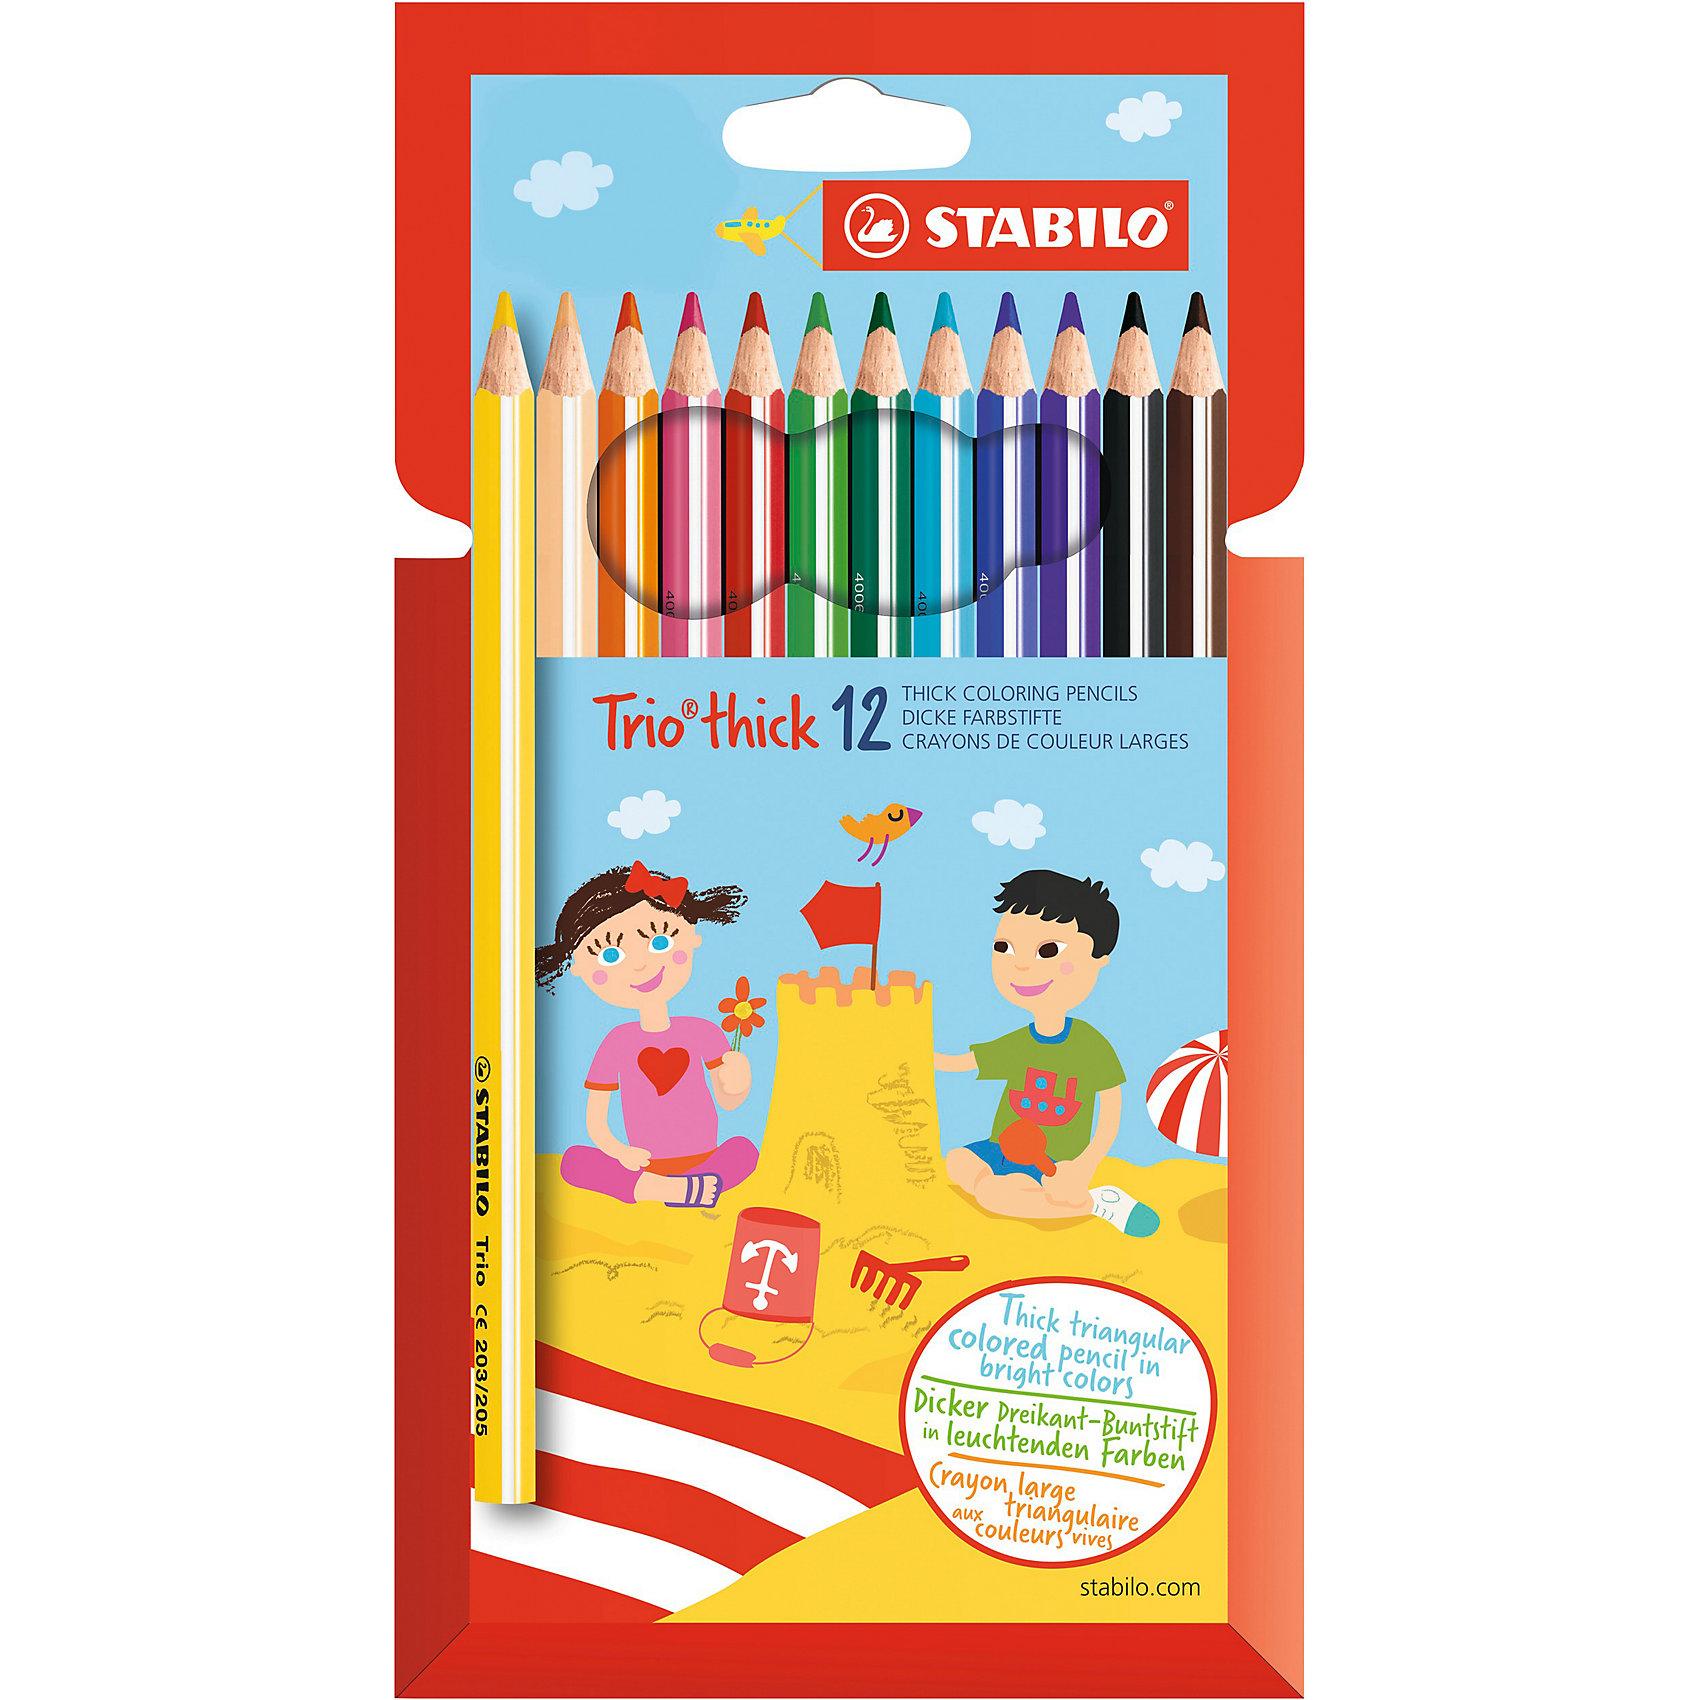 Набор цветных карандашей, 12 цв., TrioНабор цветных карандашей, 12 цв., Trio от марки Stabilo<br><br>Эти карандаши созданы немецкой компанией для комфортного и легкого рисования. Легко затачиваются, при этом грифель очень устойчив к поломкам. Цвета яркие, линия мягкая и однородная. Будут долго держаться на бумаге и не выцветать. Рисование помогает детям развивать усидчивость, воображение, образное восприятие мира, а также мелкую моторику рук.  <br>Грифель - из высококачественного материала. В наборе - 12 карандашей разных цветов. Они отлично лежат в руке благодаря удобной форме и качественному покрытию.<br><br>Особенности данной модели:<br><br>комплектация: 12 шт.<br><br>Набор цветных карандашей, 12 цв., Trio от марки Stabilo можно купить в нашем магазине.<br><br>Ширина мм: 216<br>Глубина мм: 124<br>Высота мм: 12<br>Вес г: 112<br>Возраст от месяцев: 36<br>Возраст до месяцев: 96<br>Пол: Унисекс<br>Возраст: Детский<br>SKU: 2452905